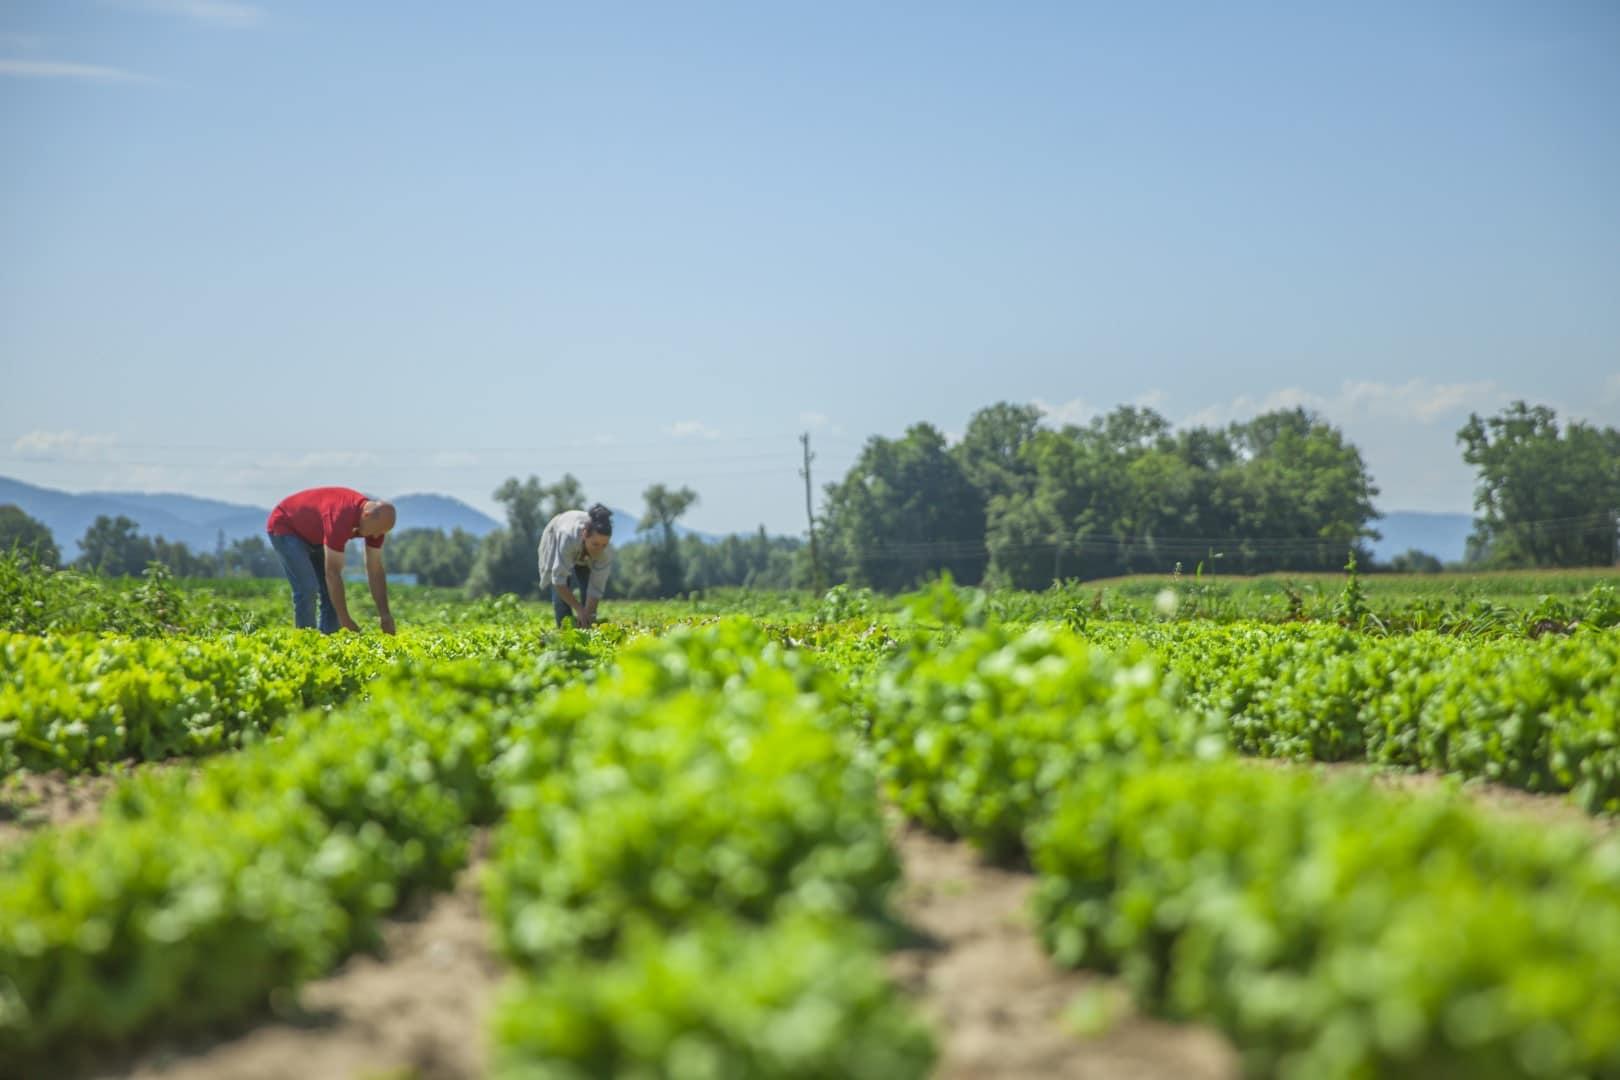 Convocadas oposiciones al cuerpo de ingenieros agrónomos del estado